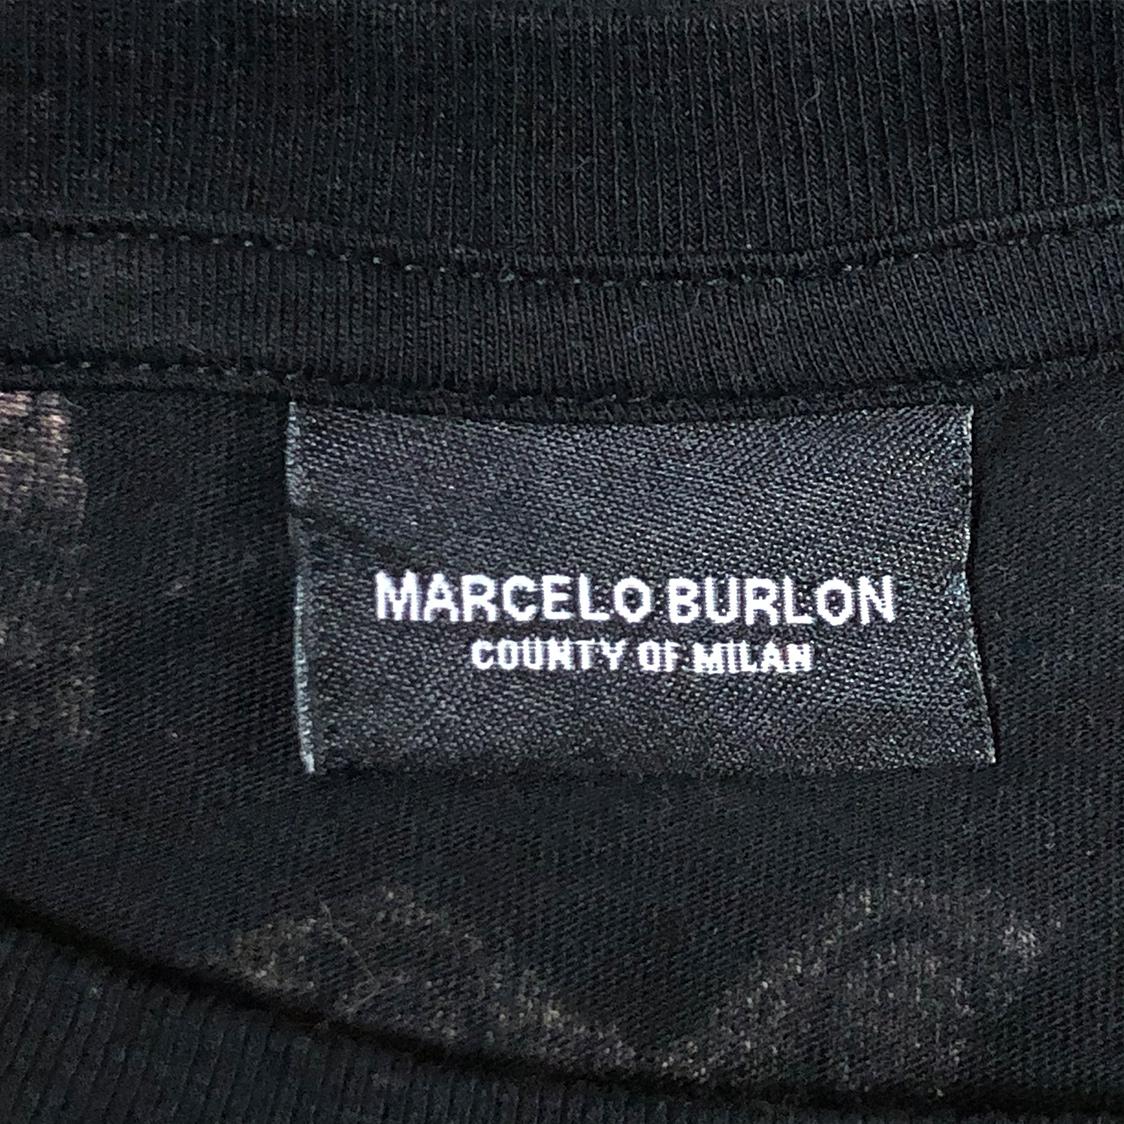 Marcelo Burlon マルセロバーロン 【XSサイズ】 オクトパス Tシャツ マルセロブロン ヒョウモンダコ タコ